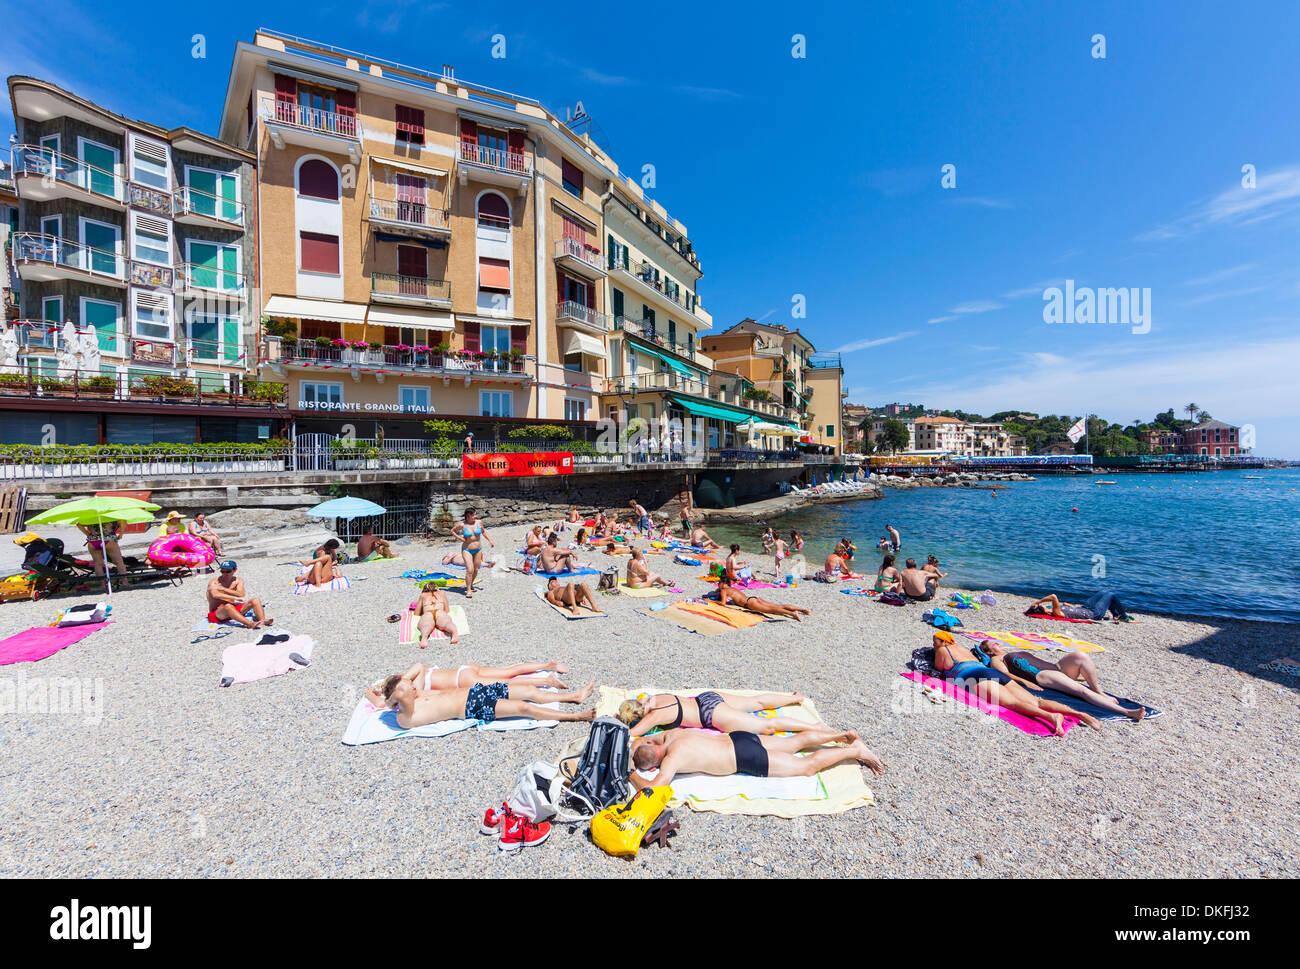 Genoa Italy Hotels Beach